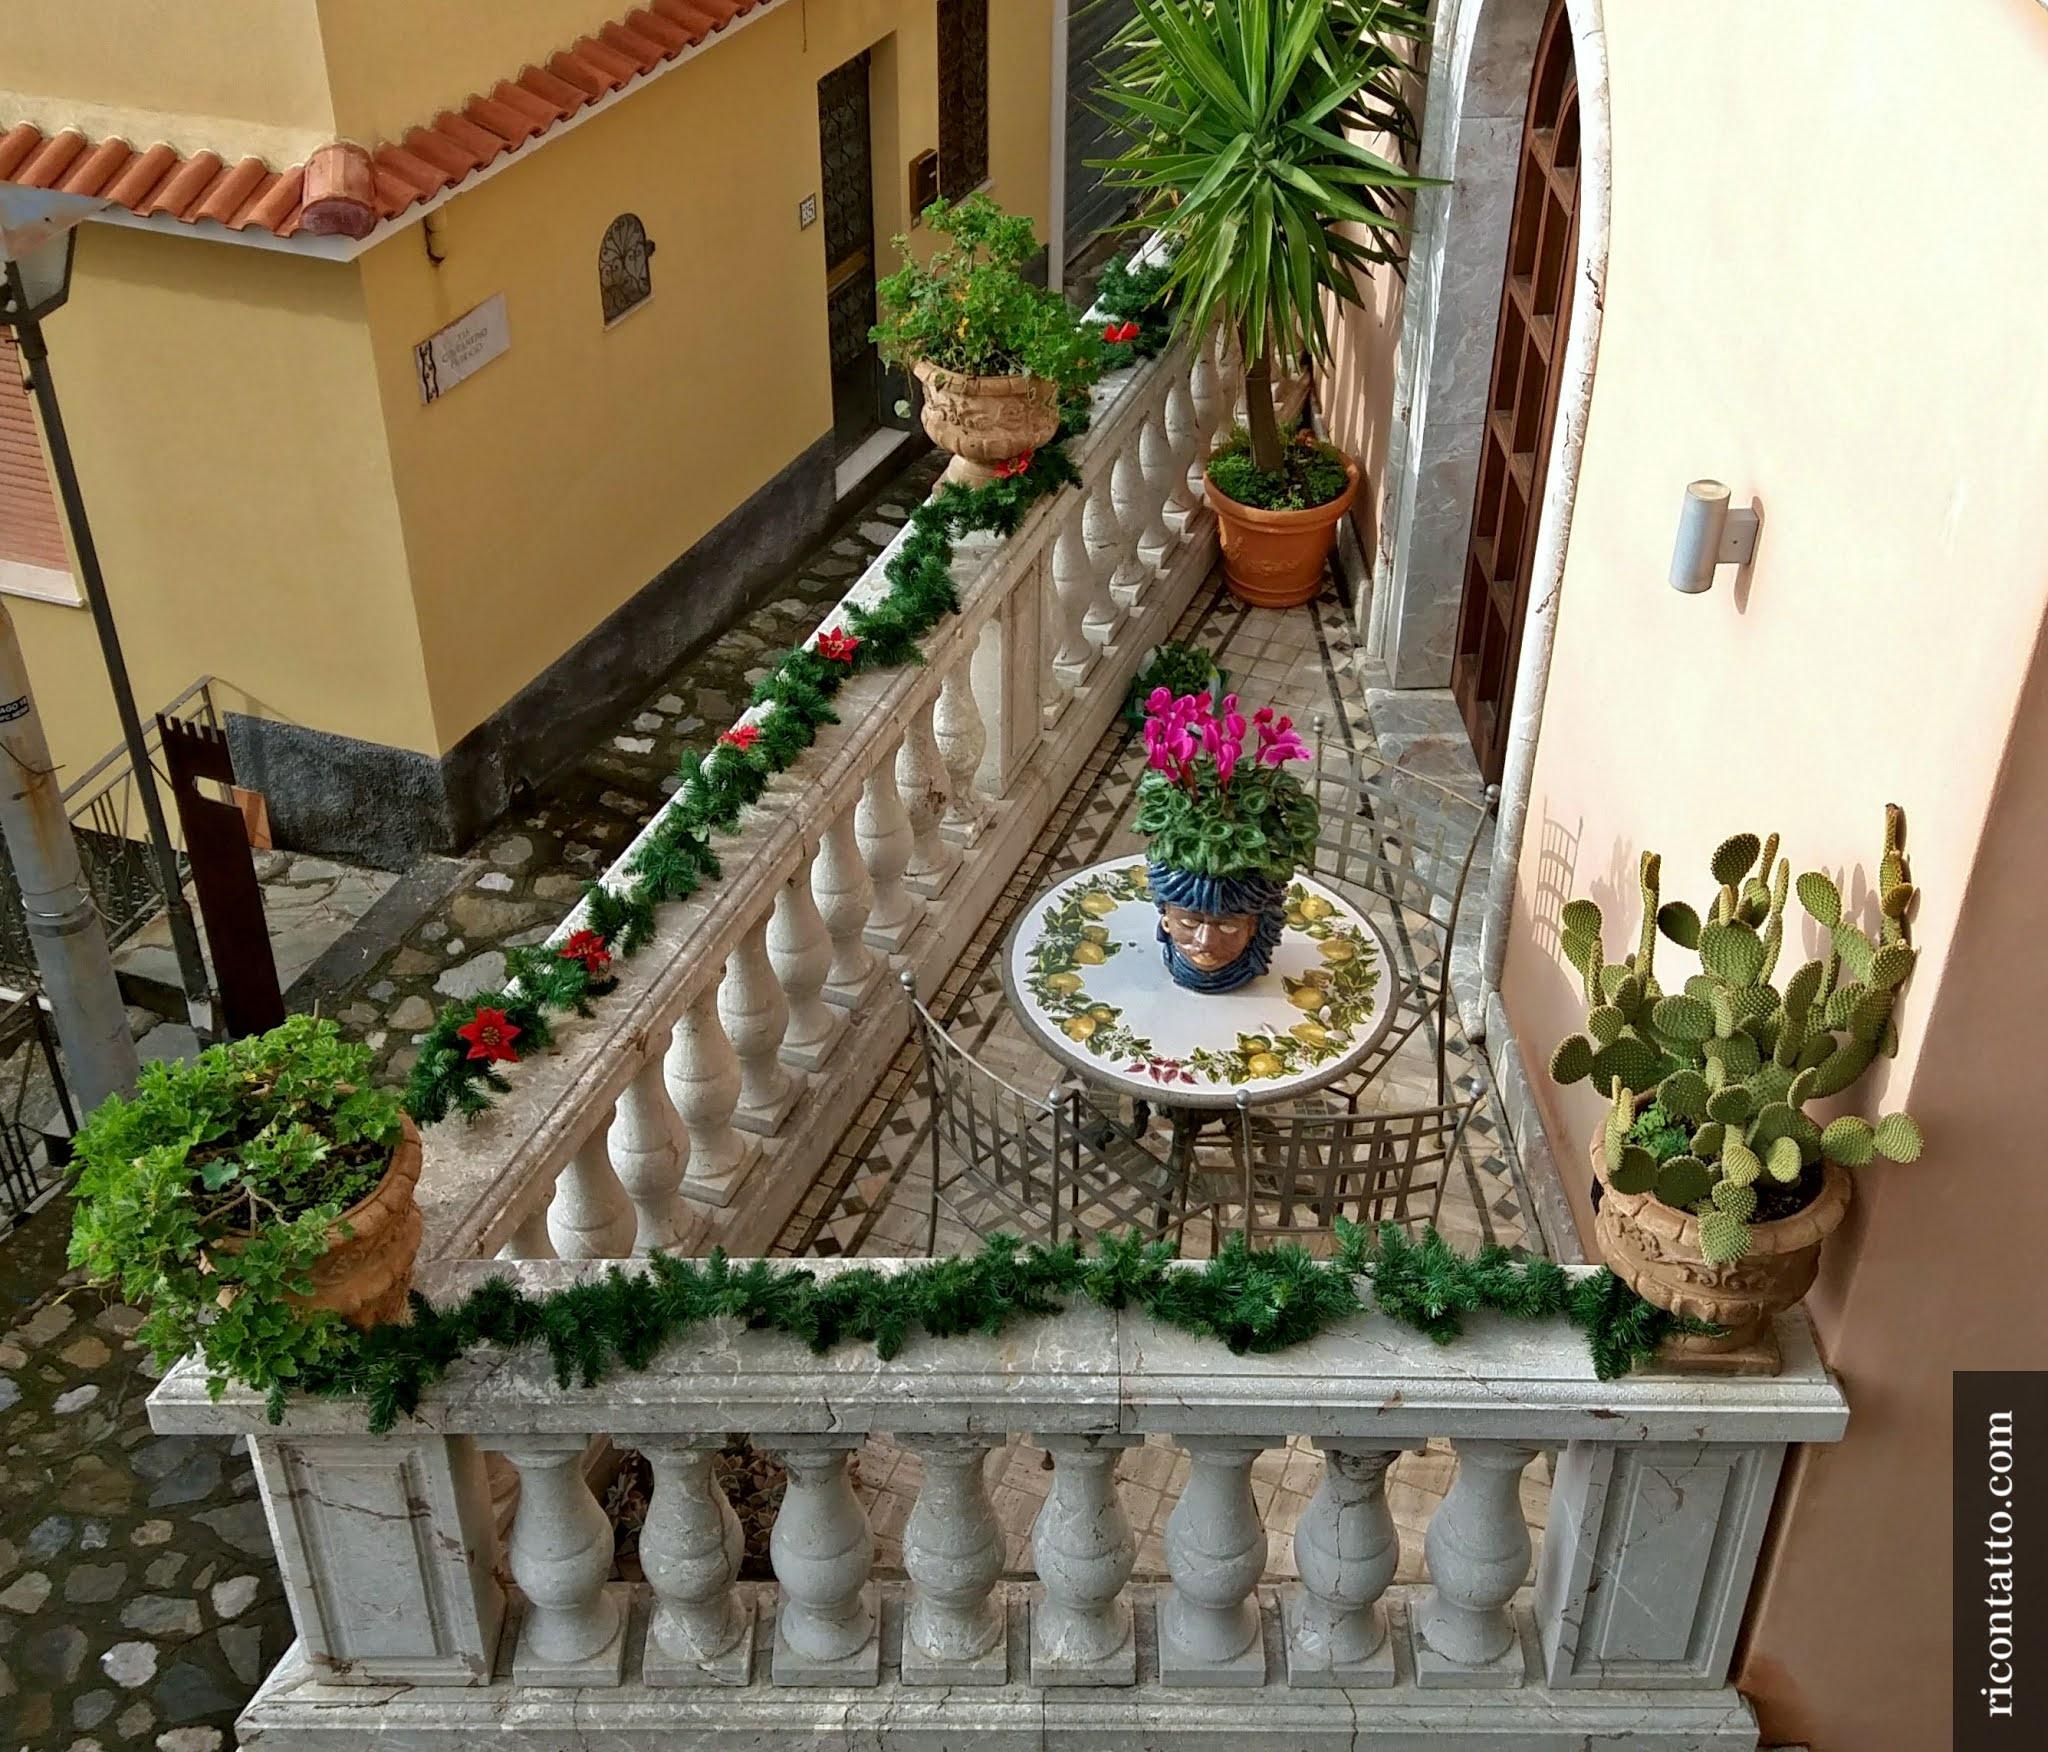 Taormina, Sicilia, Italy - Photo #07 by Ricontatto.com